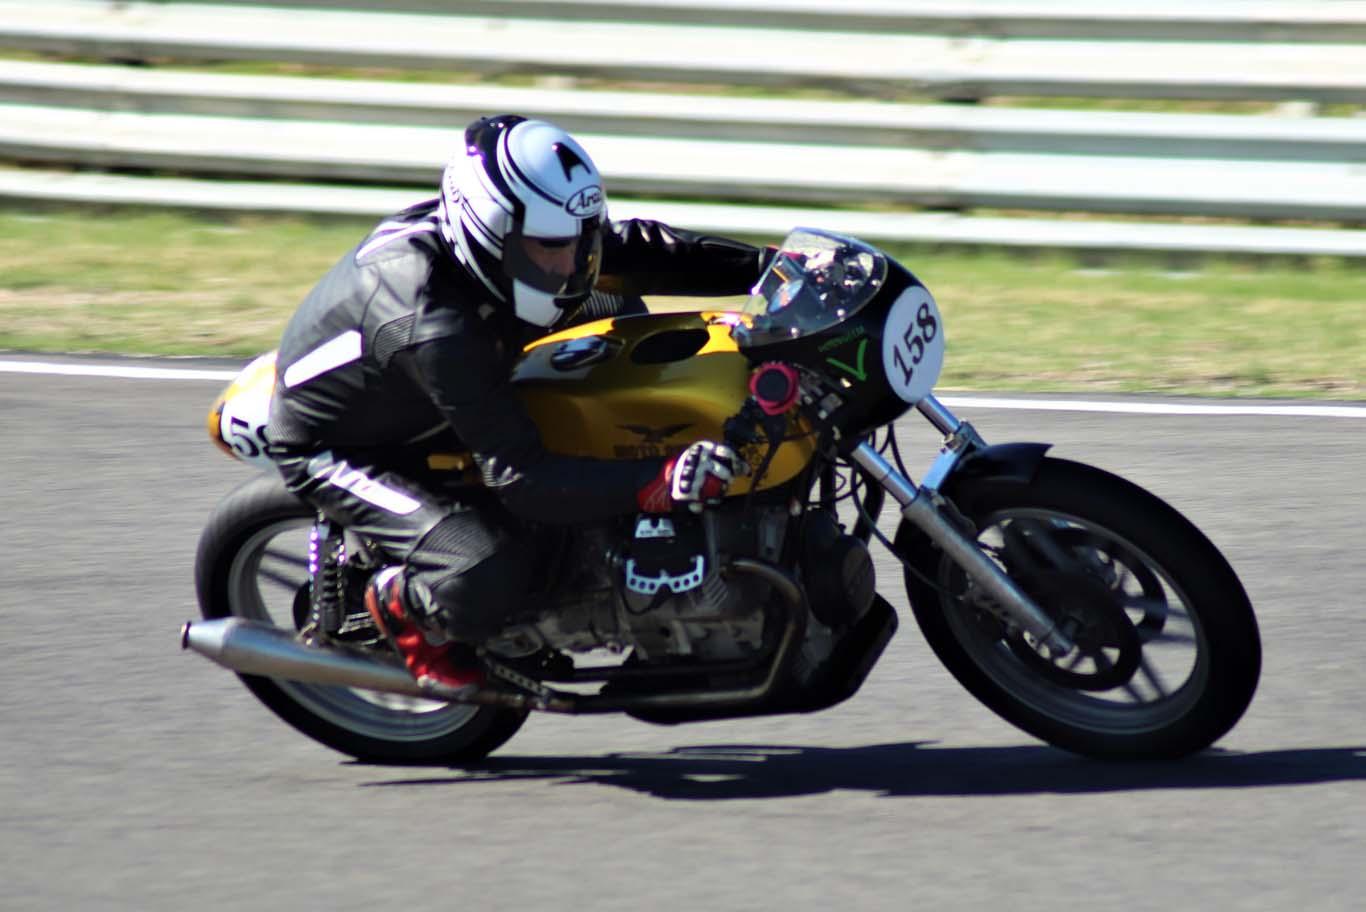 Campeonato Interautonómico de Velocidad 2019